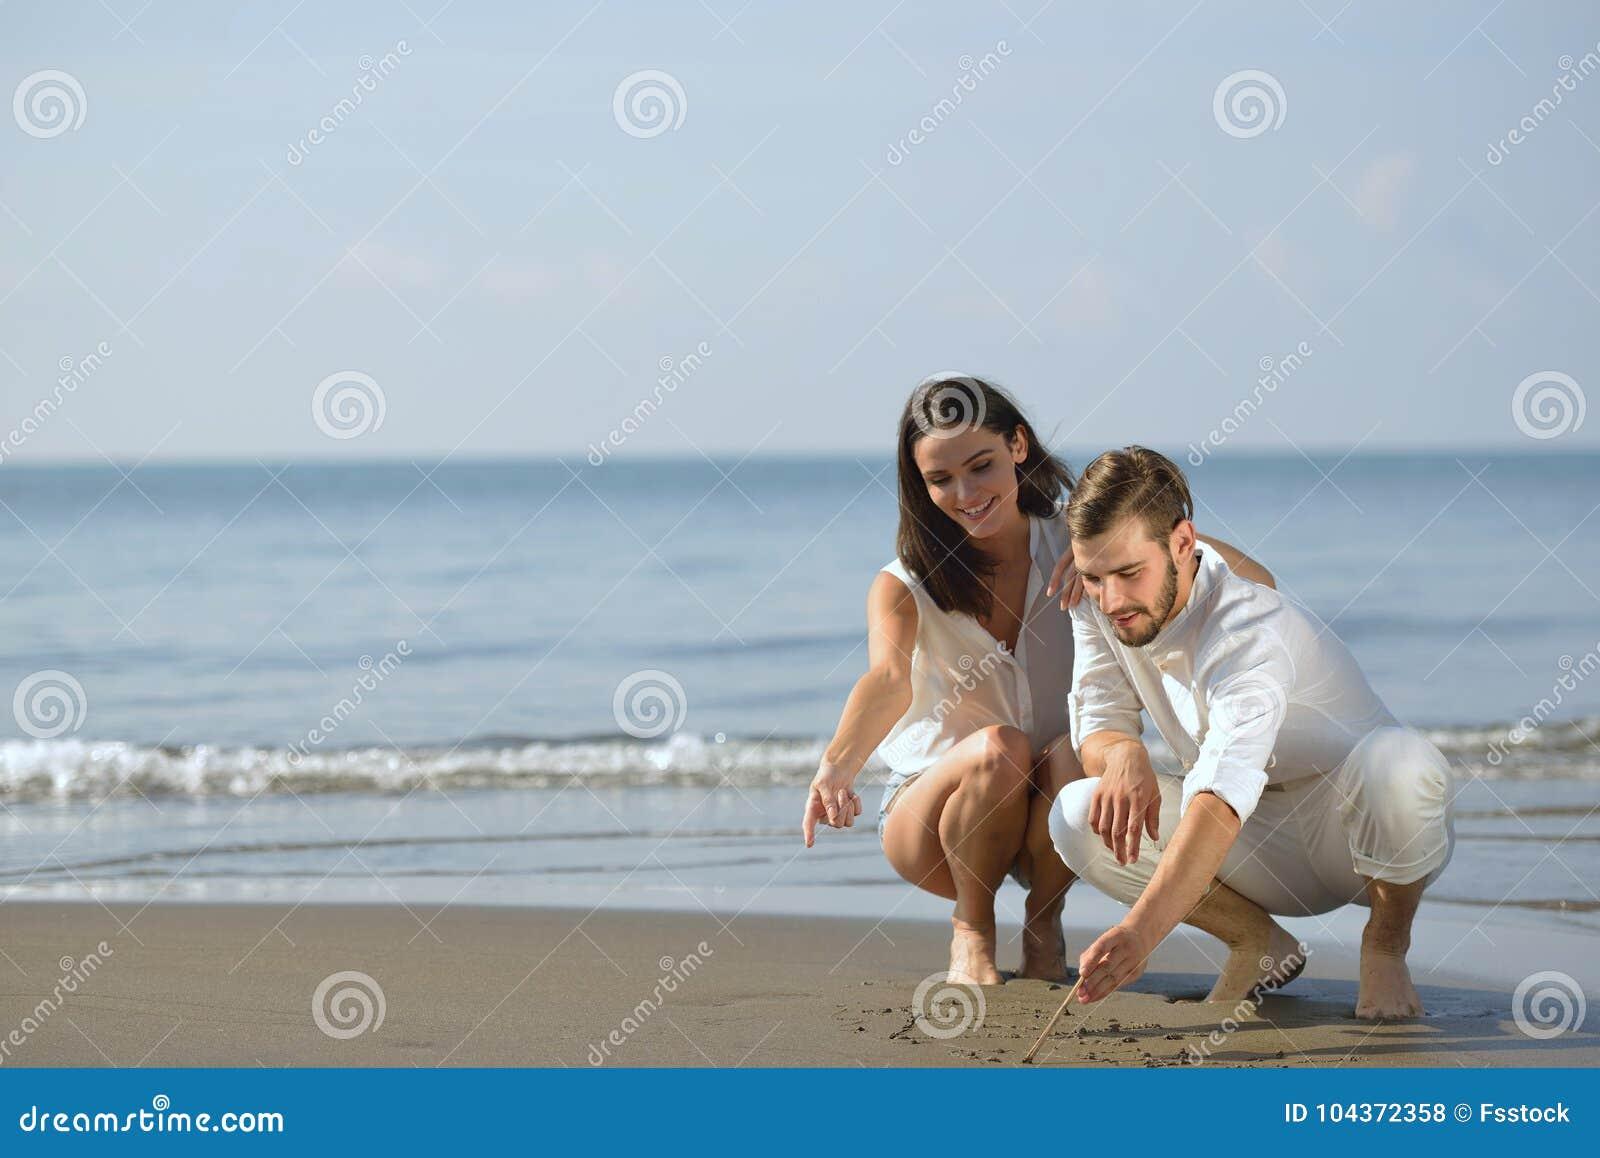 海滩概念夫妇画重点蜜月爱浪漫沙子形状夏天年轻人 夏天海滩爱概念